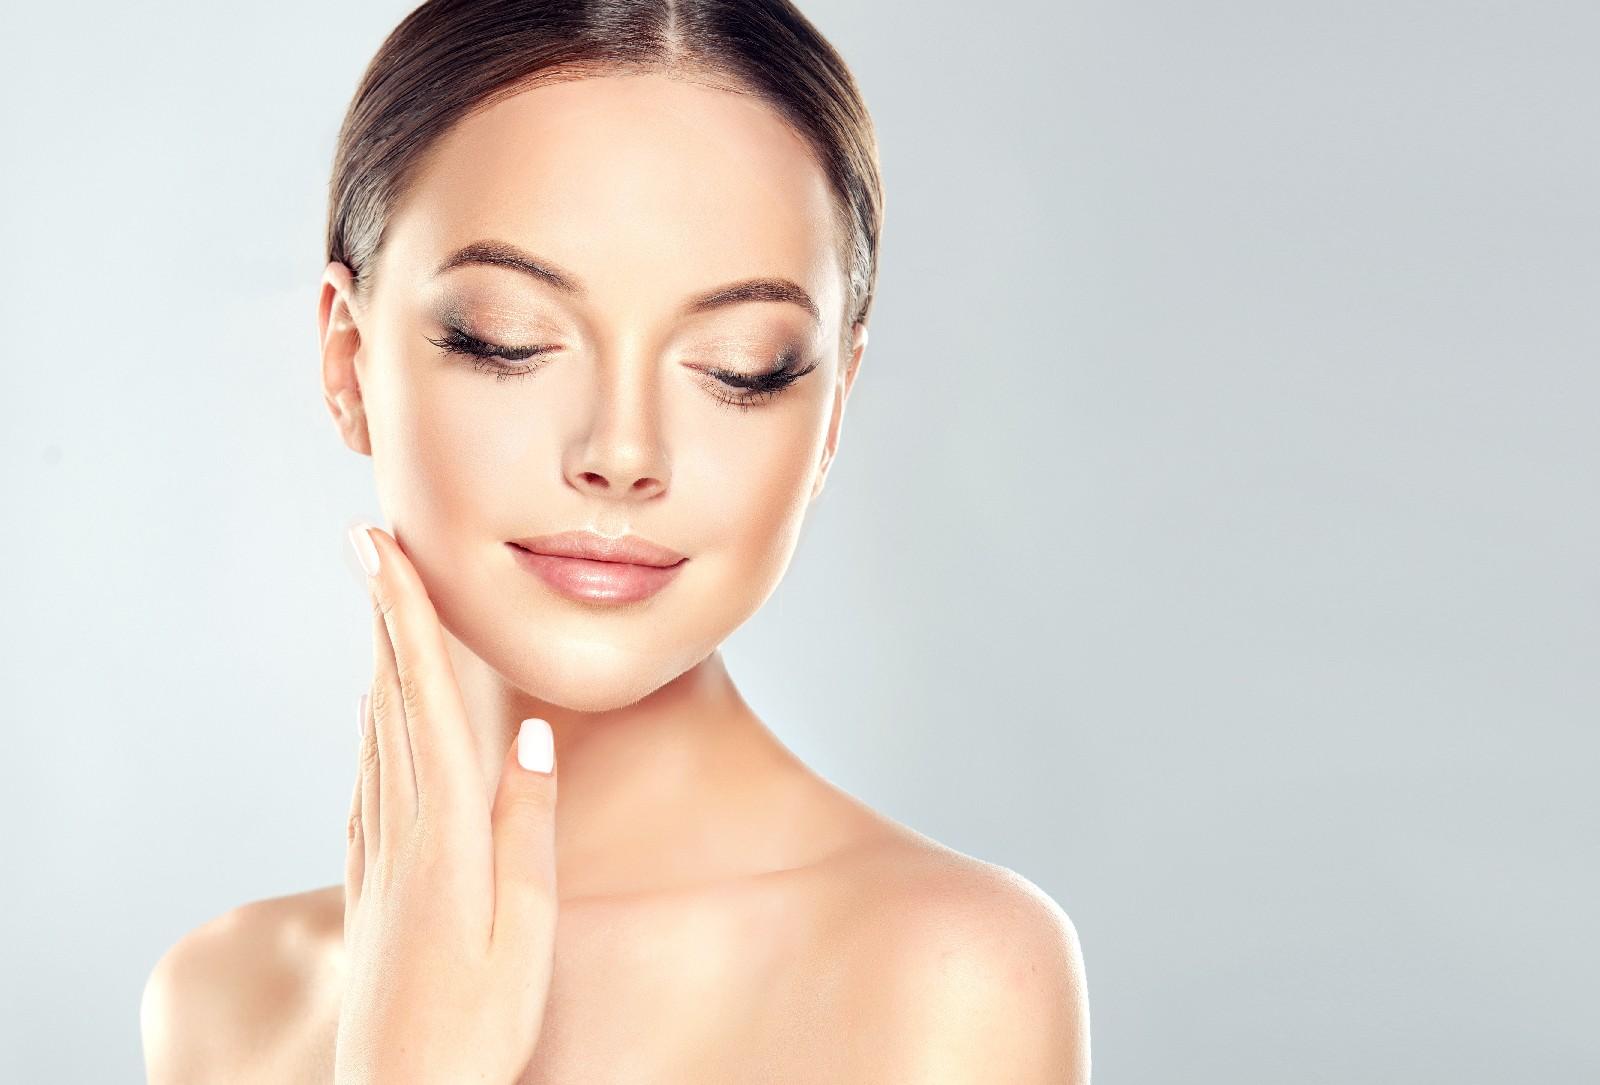 Zapomnij o zmarszczkach! Botox i wypełniacze w gabinetach medycyny estetycznej